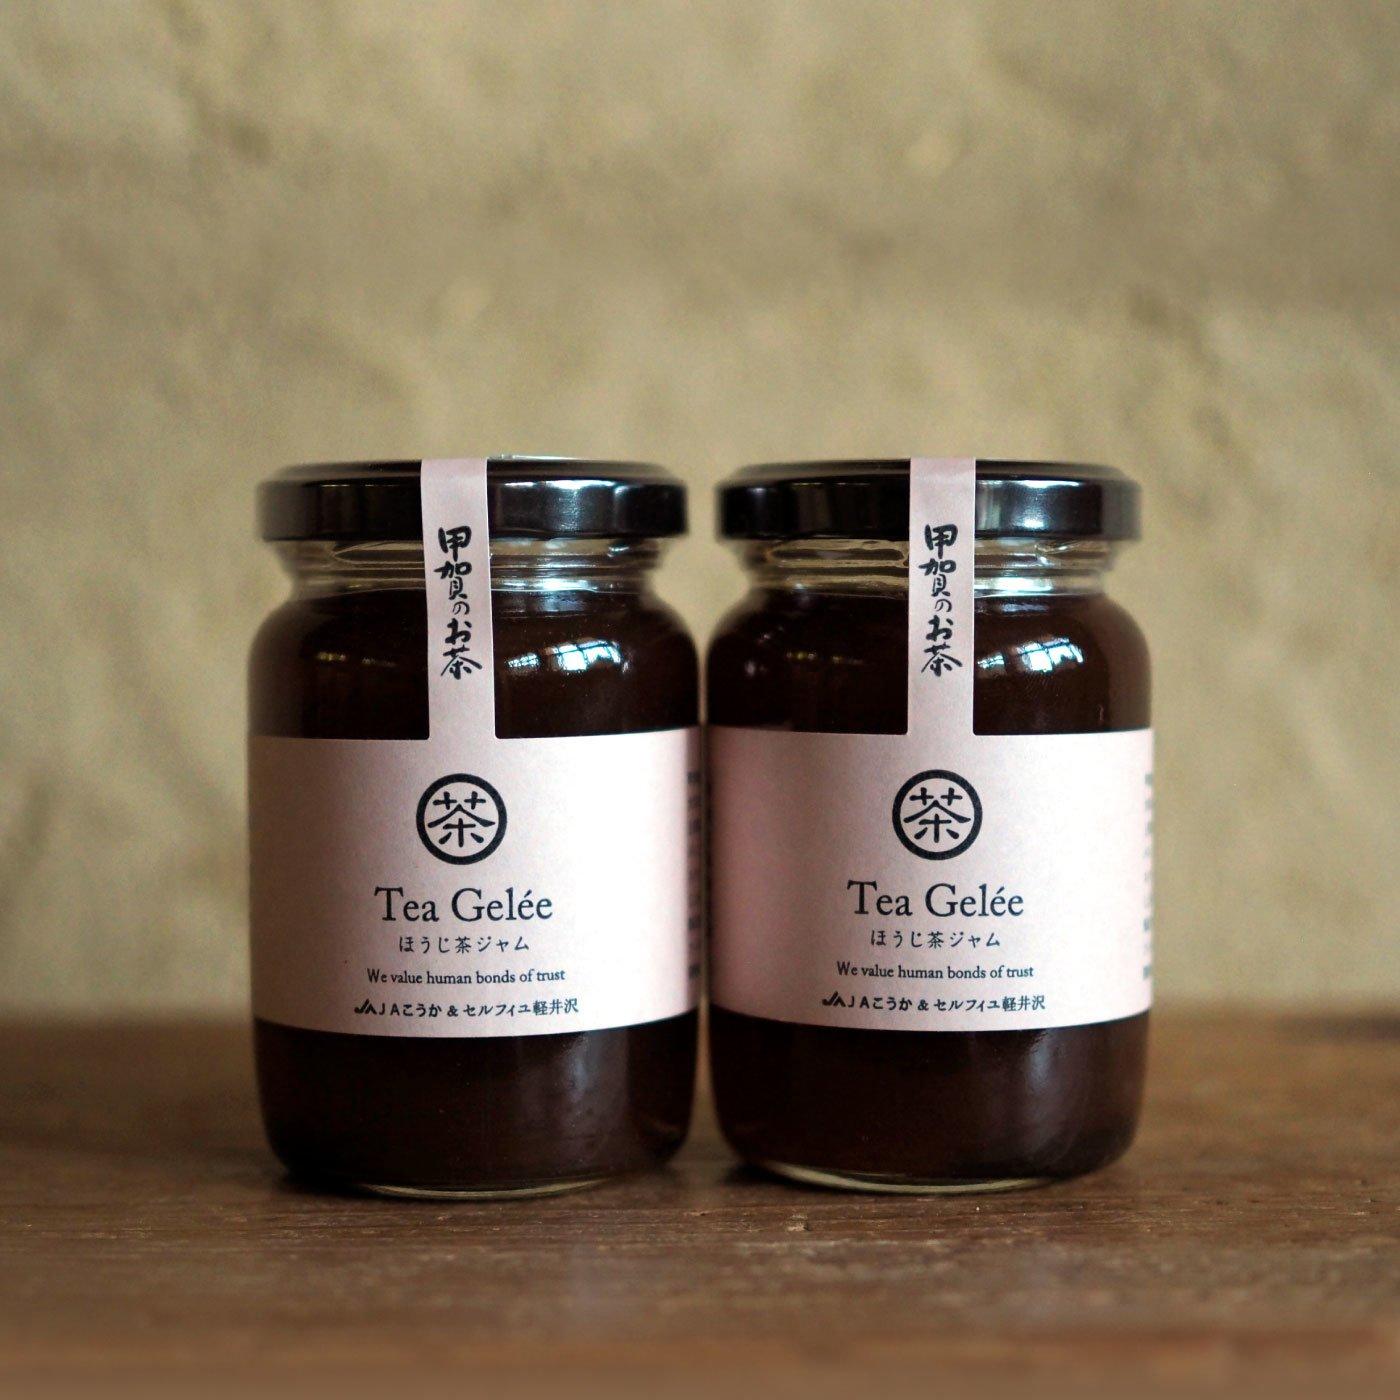 純農 蜂蜜とほうじ茶がとろけあう 香ばしほうじ茶ジャムの会